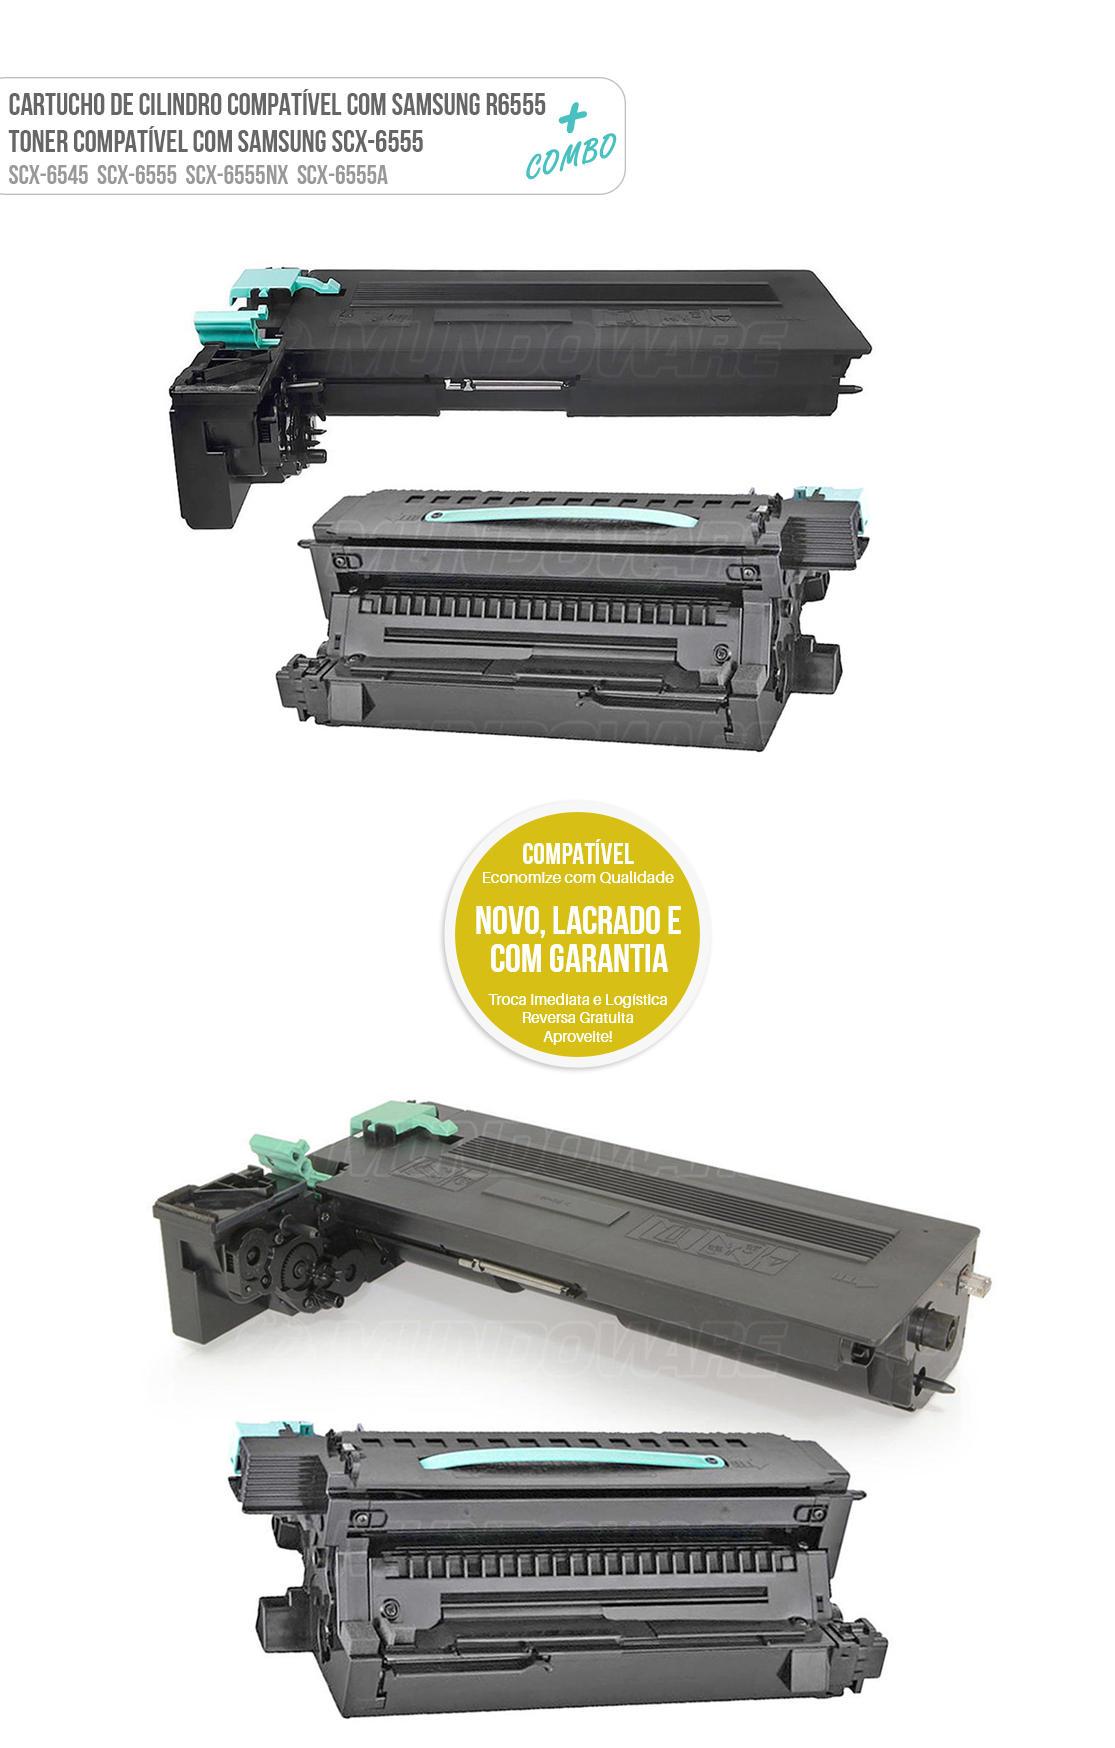 Cartucho de Cilindro + Toner Compatível para Samsung 6555 SCX-6555 SCX-6555NX SCX-6555N SCX-D6555A